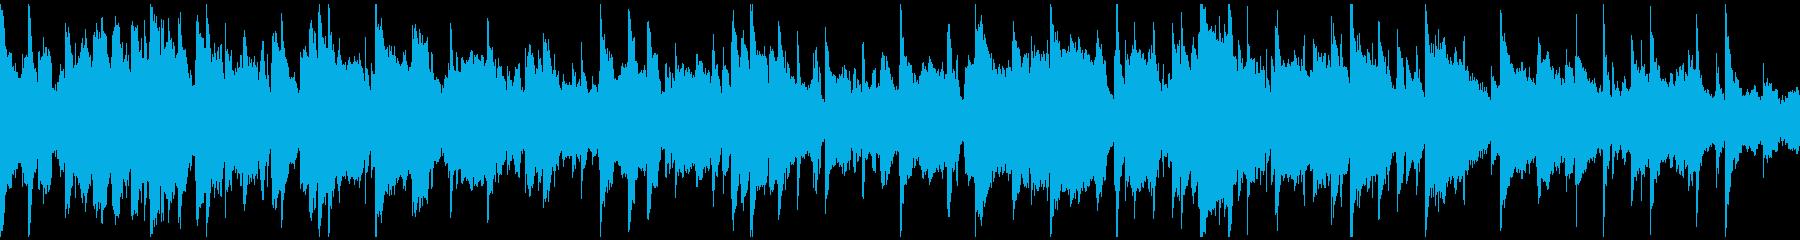 幻想的、ヒーリング、リラックス※ループ版の再生済みの波形